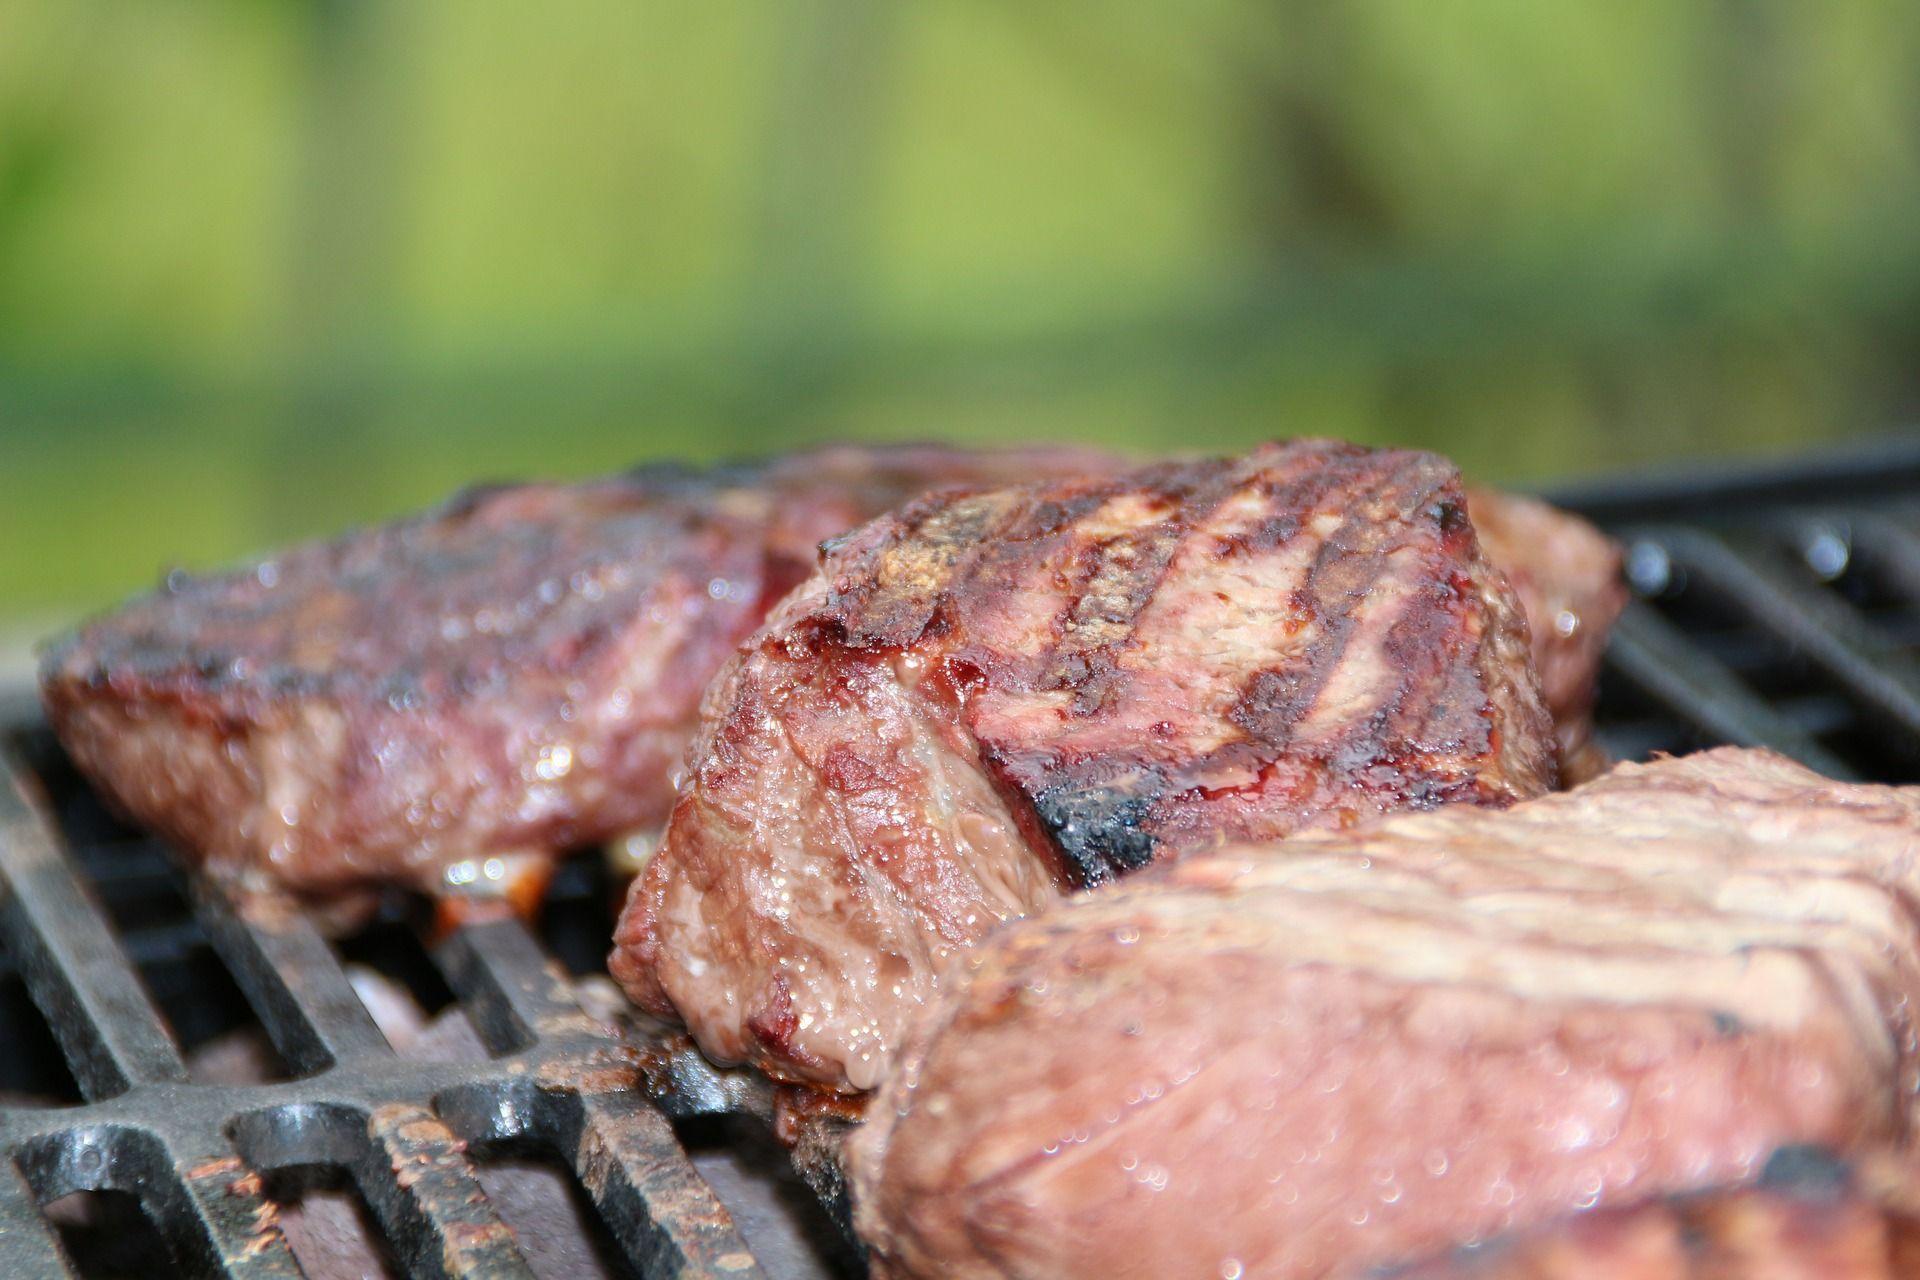 Ormoni nella carne e conseguenze negative sulla nostra salute